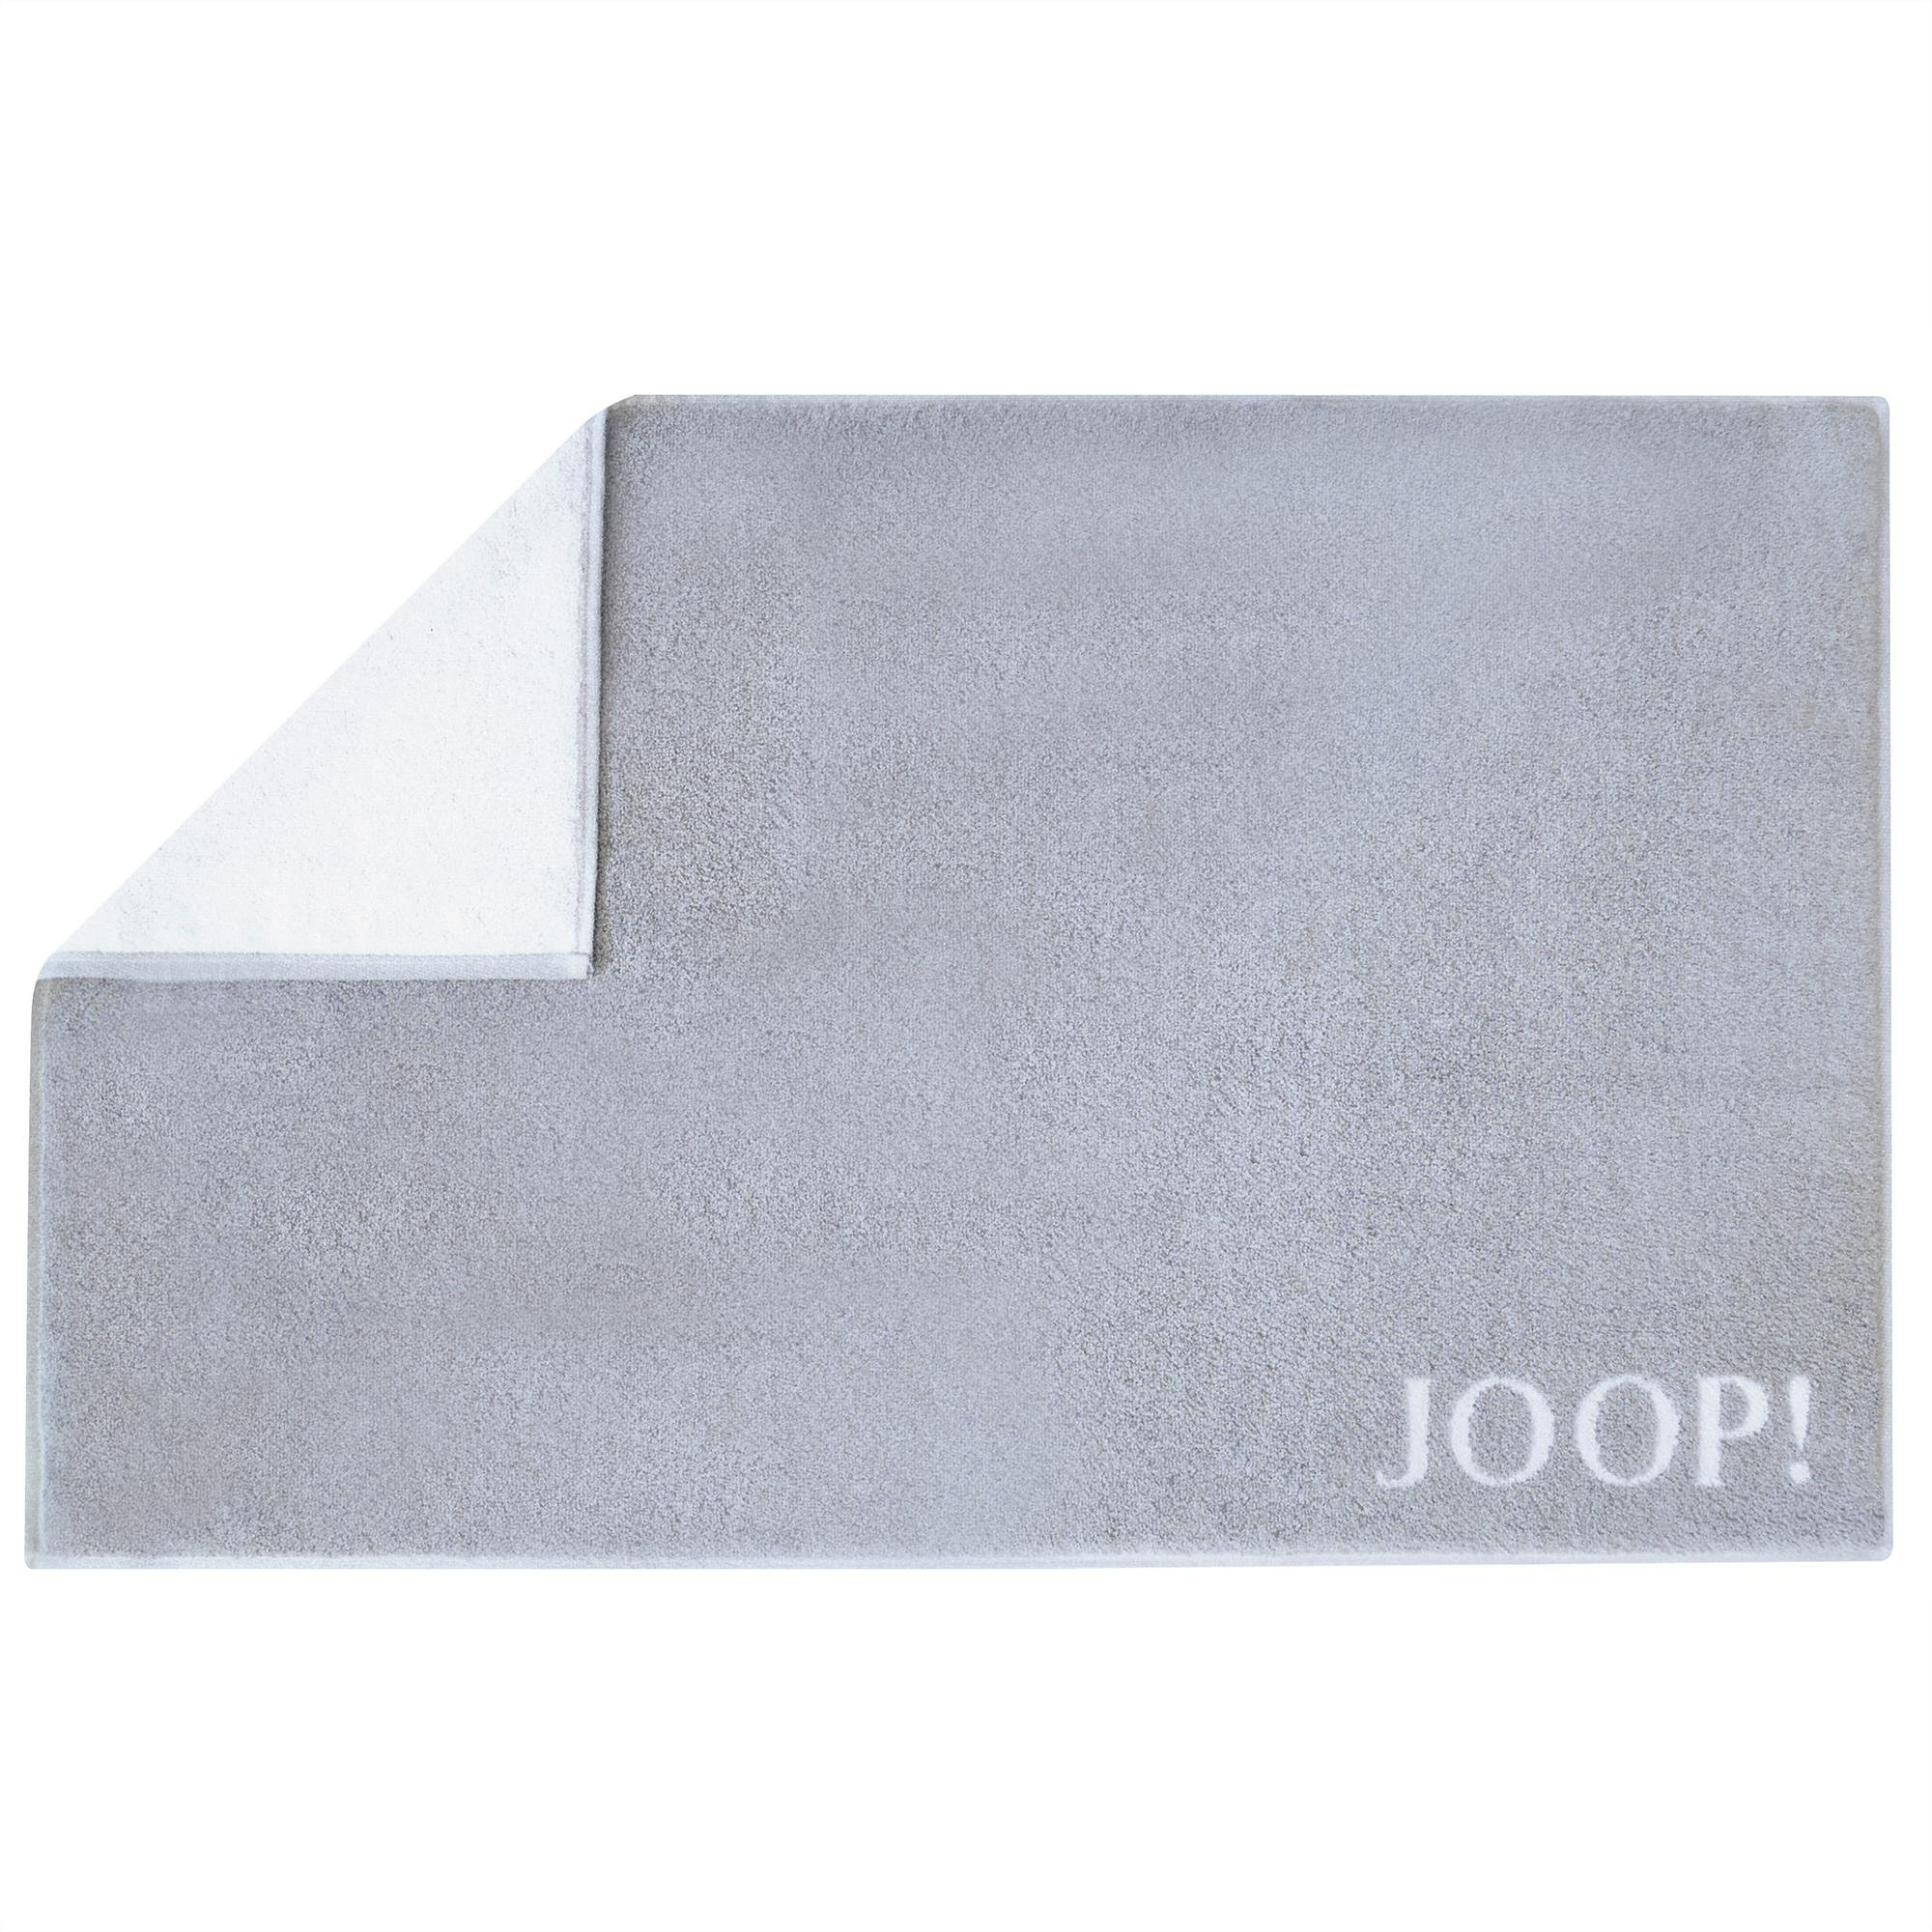 JOOP! Badmat »Doubleface«, hoogte 4 mm, geschikt voor vloerverwarming in de webshop van OTTO kopen